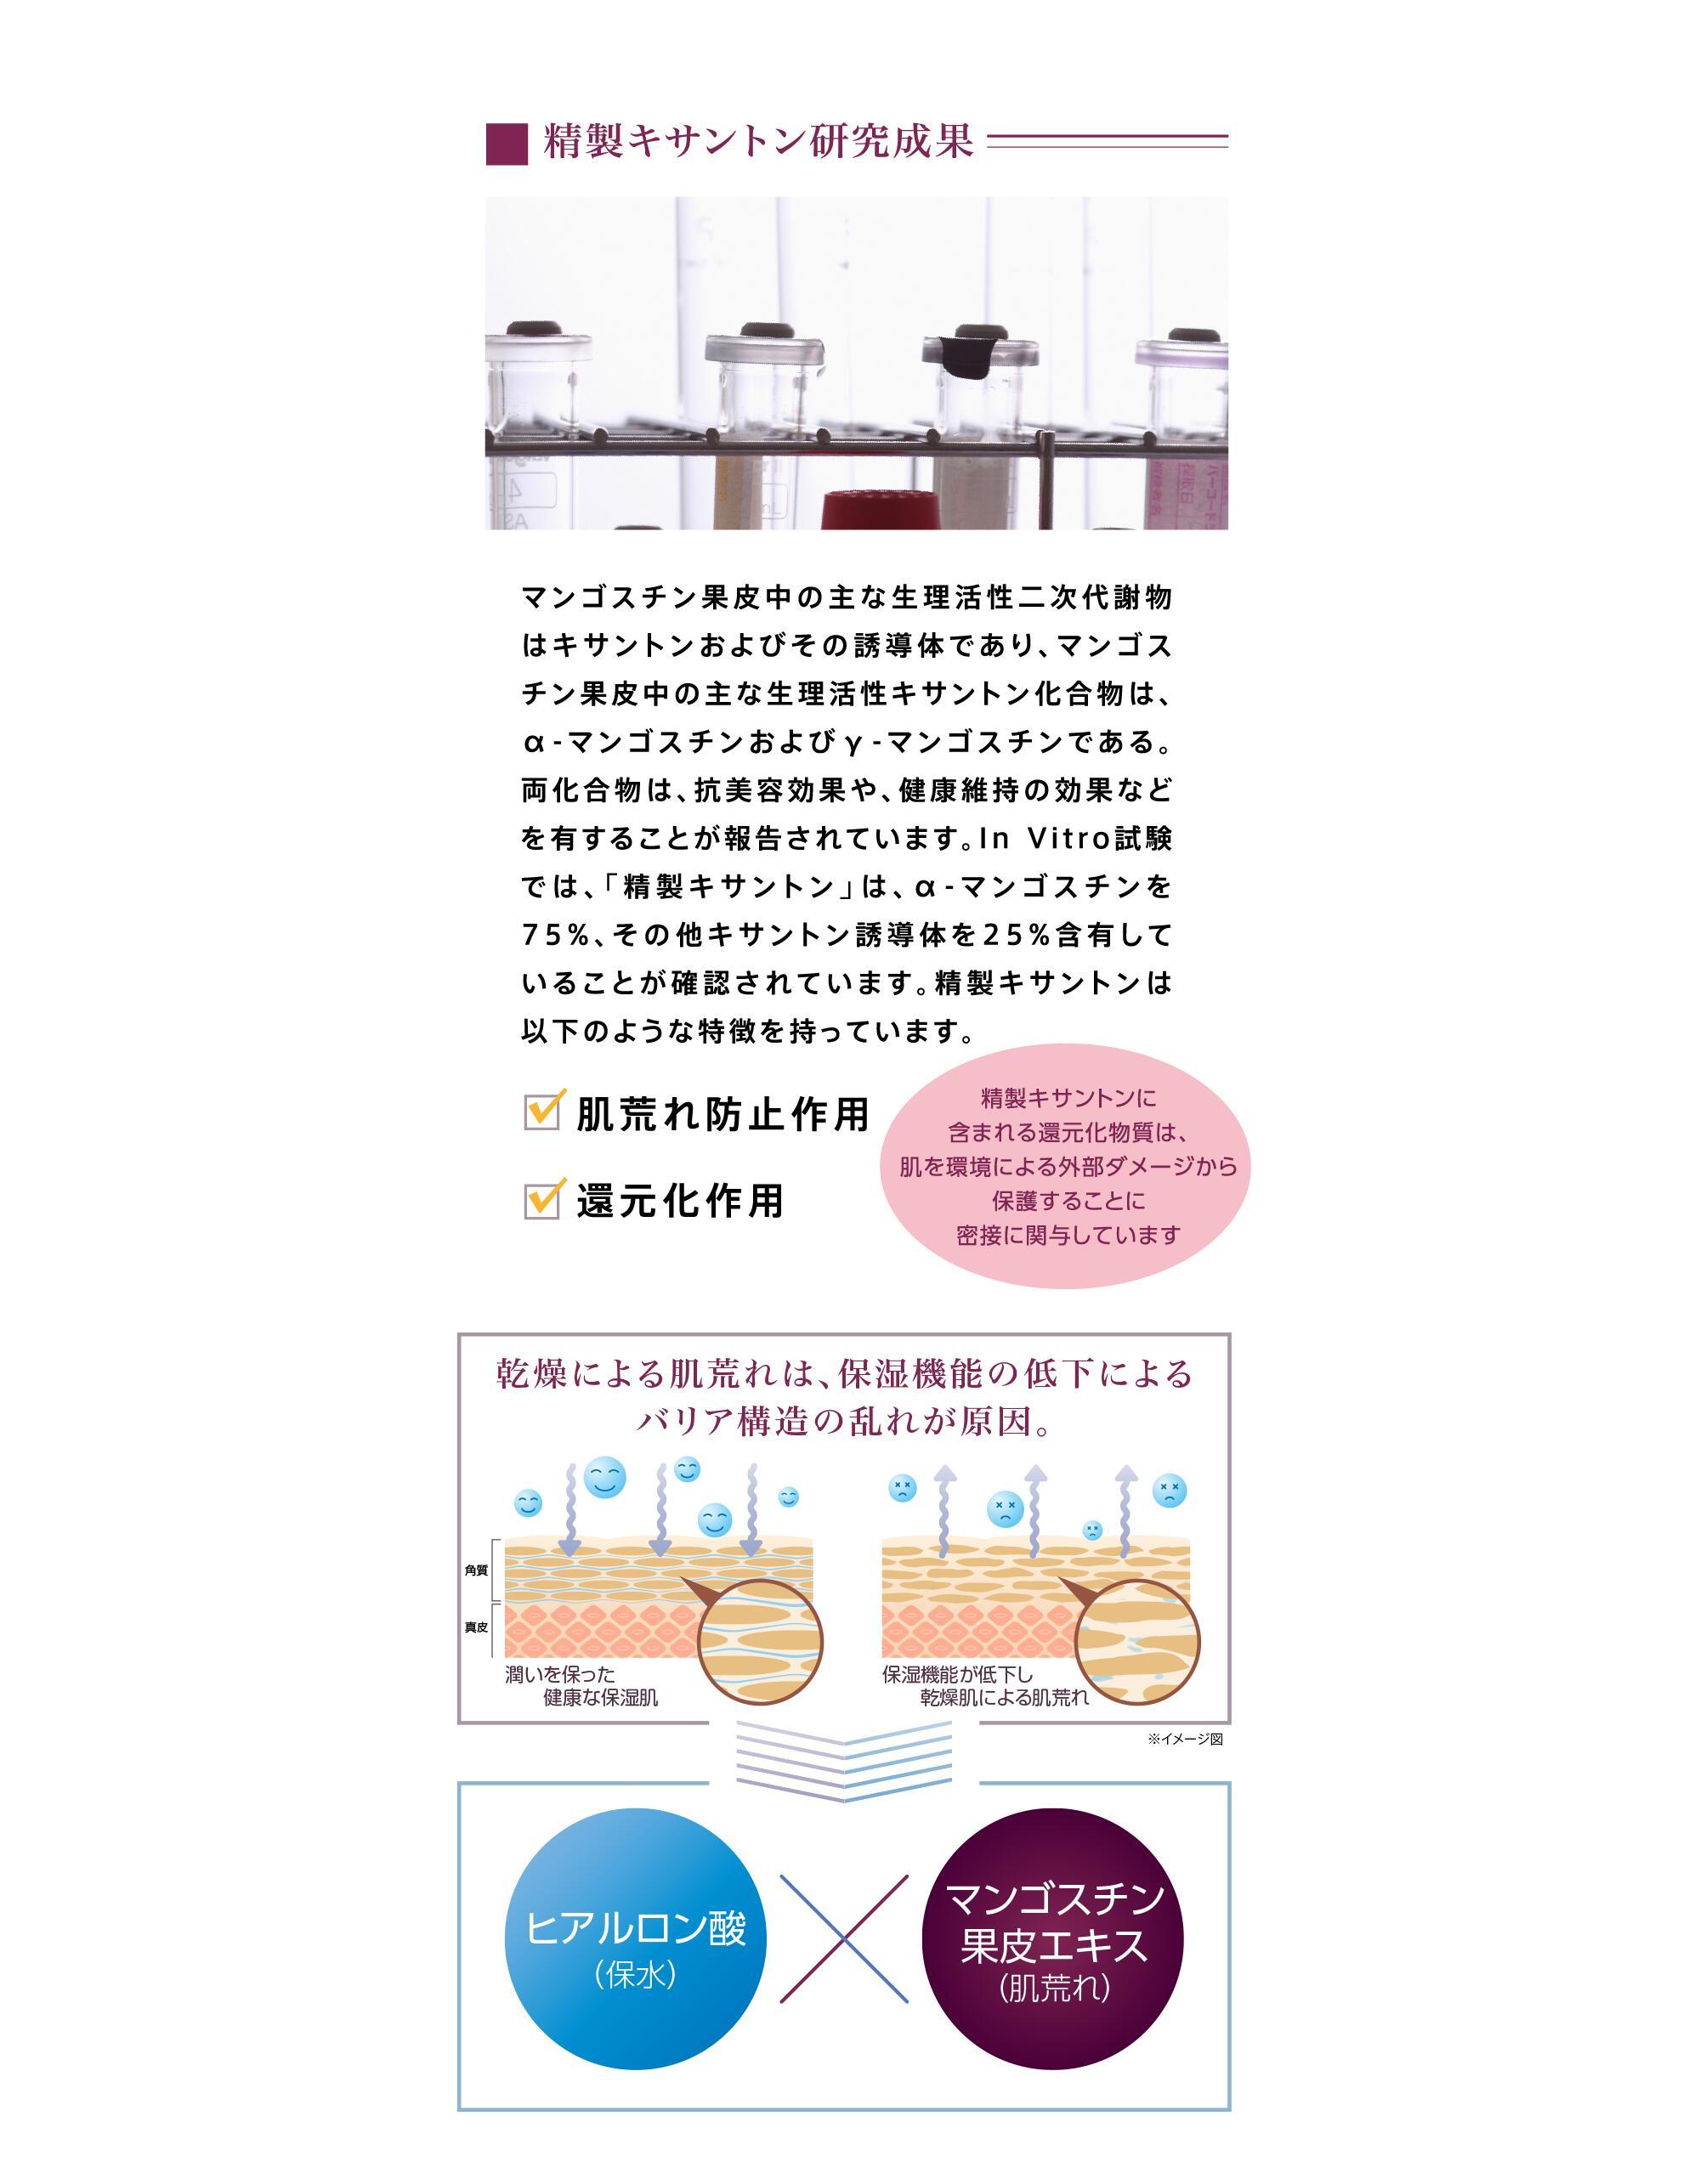 精製キサントン研究成果。乾燥による肌荒れは、保湿機能の低下によるバリア構造の乱れが原因